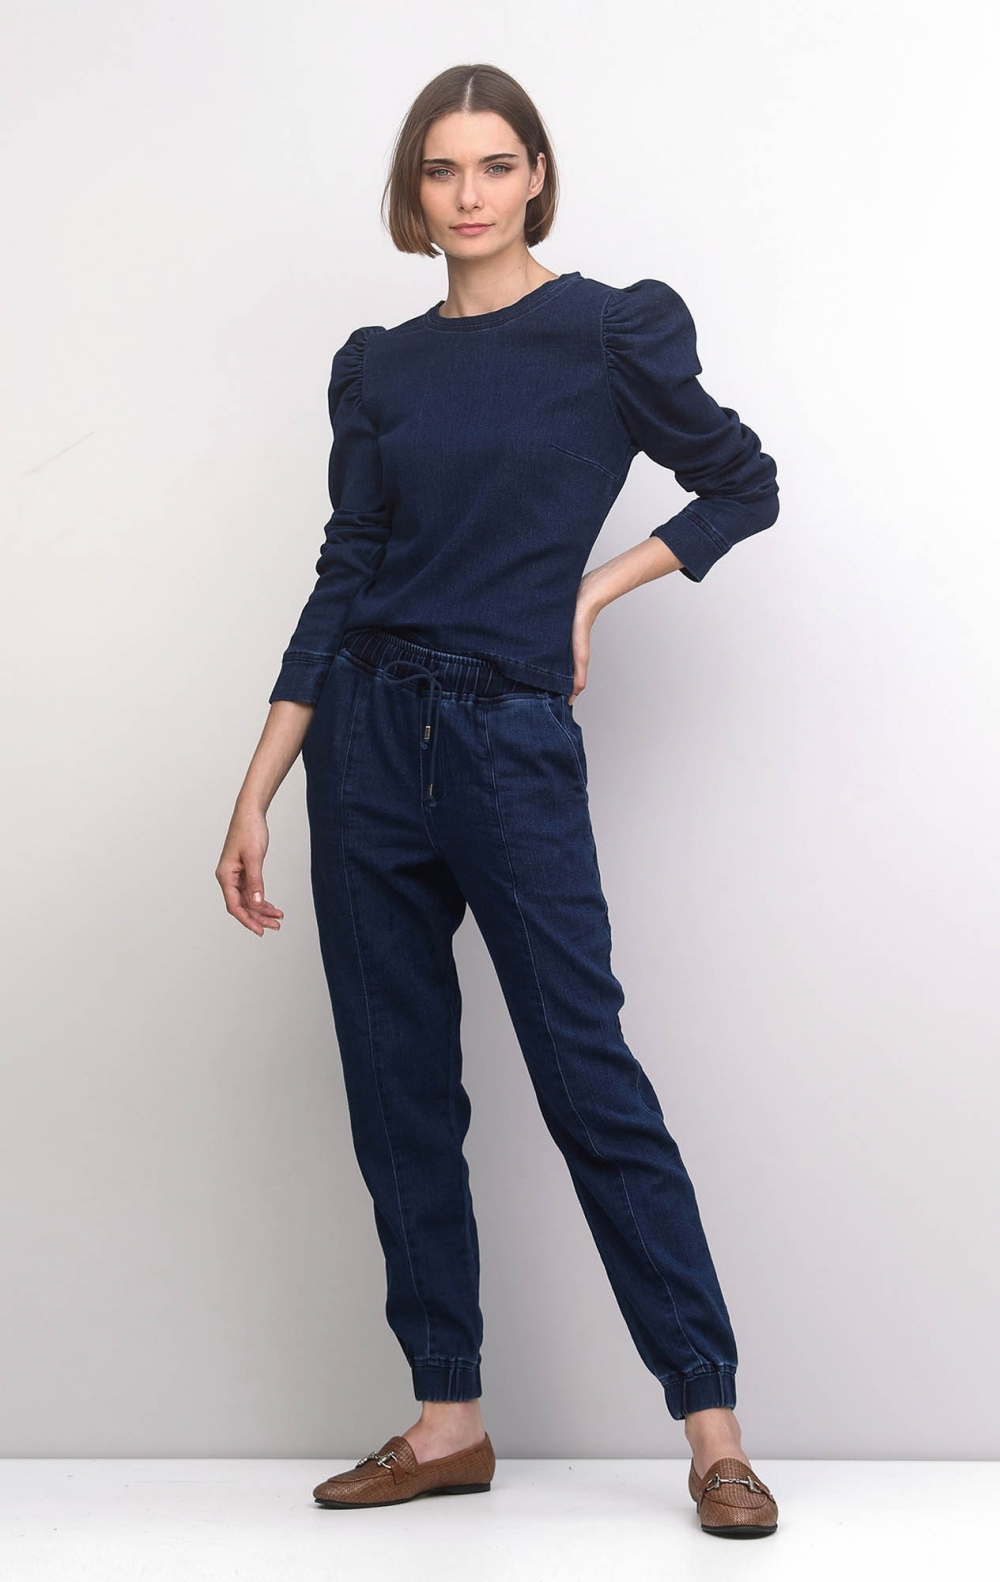 Conjunto Jeans Moletom Slim - Foto 1